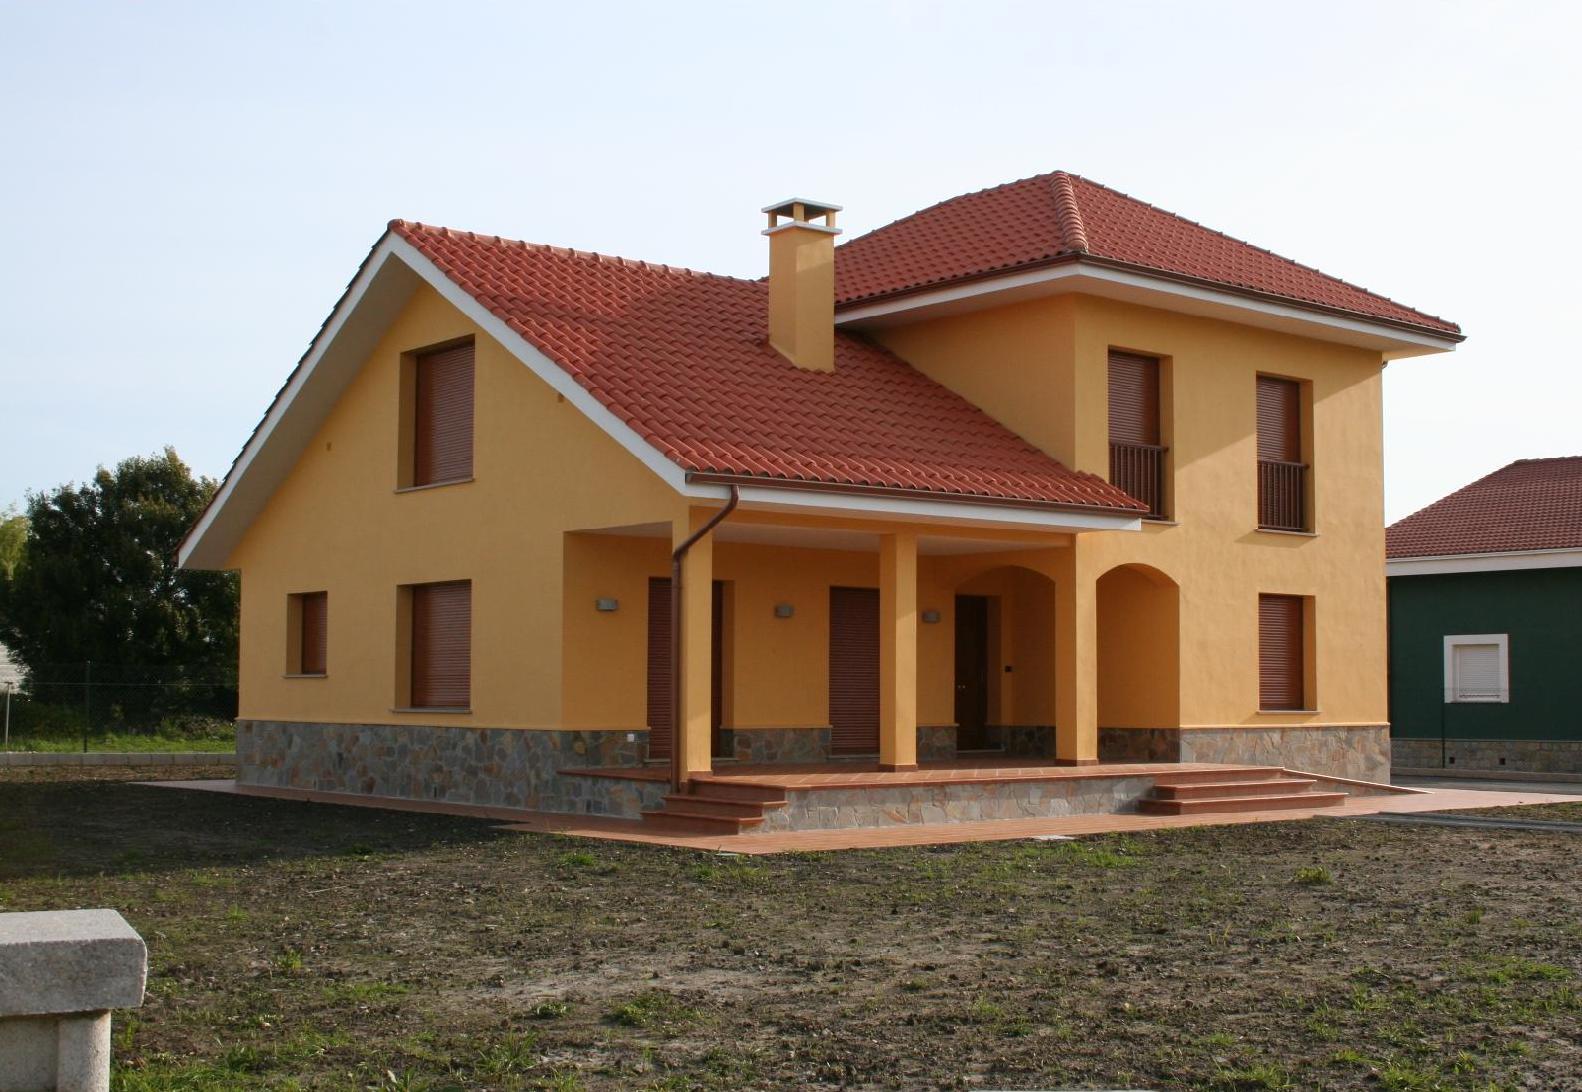 Arquitecto en cudillero asturias vivienda unifamiliar for Fachadas casas unifamiliares